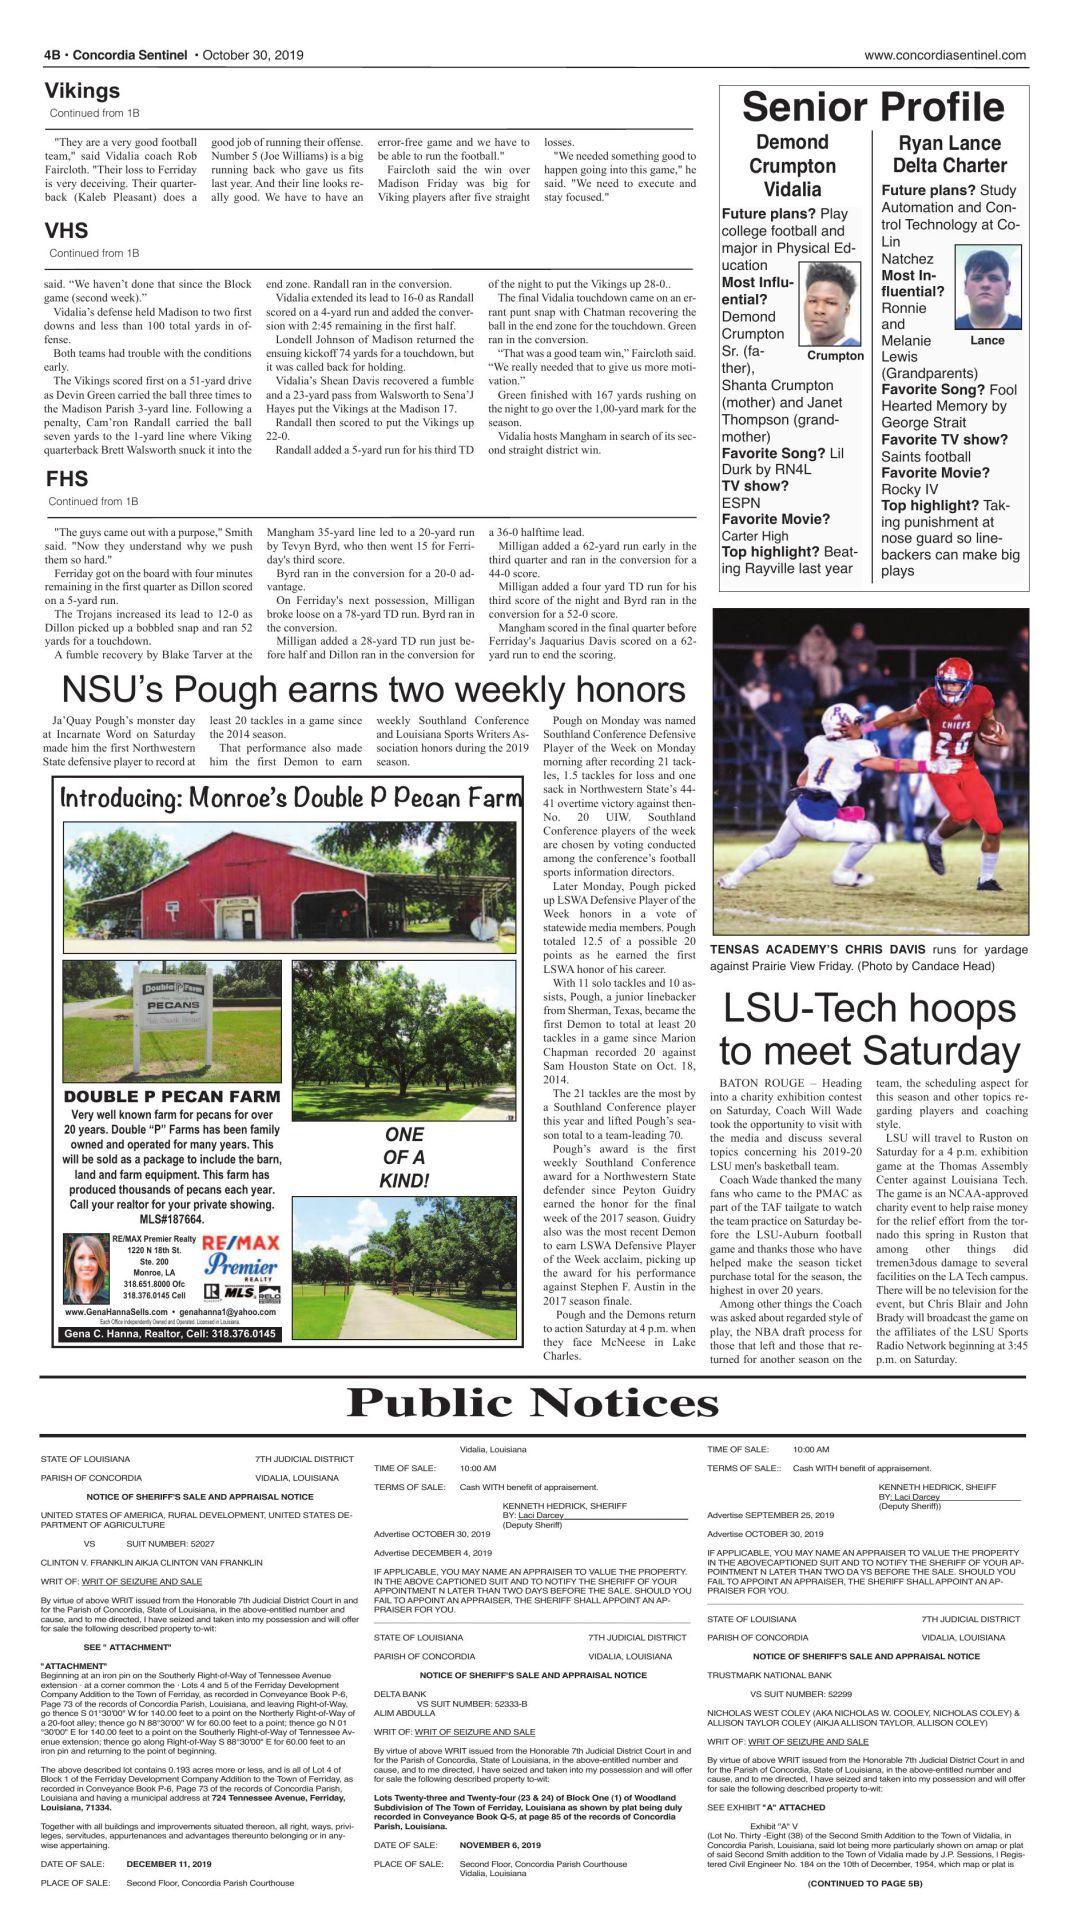 Public Notices - Oct. 30, 2019